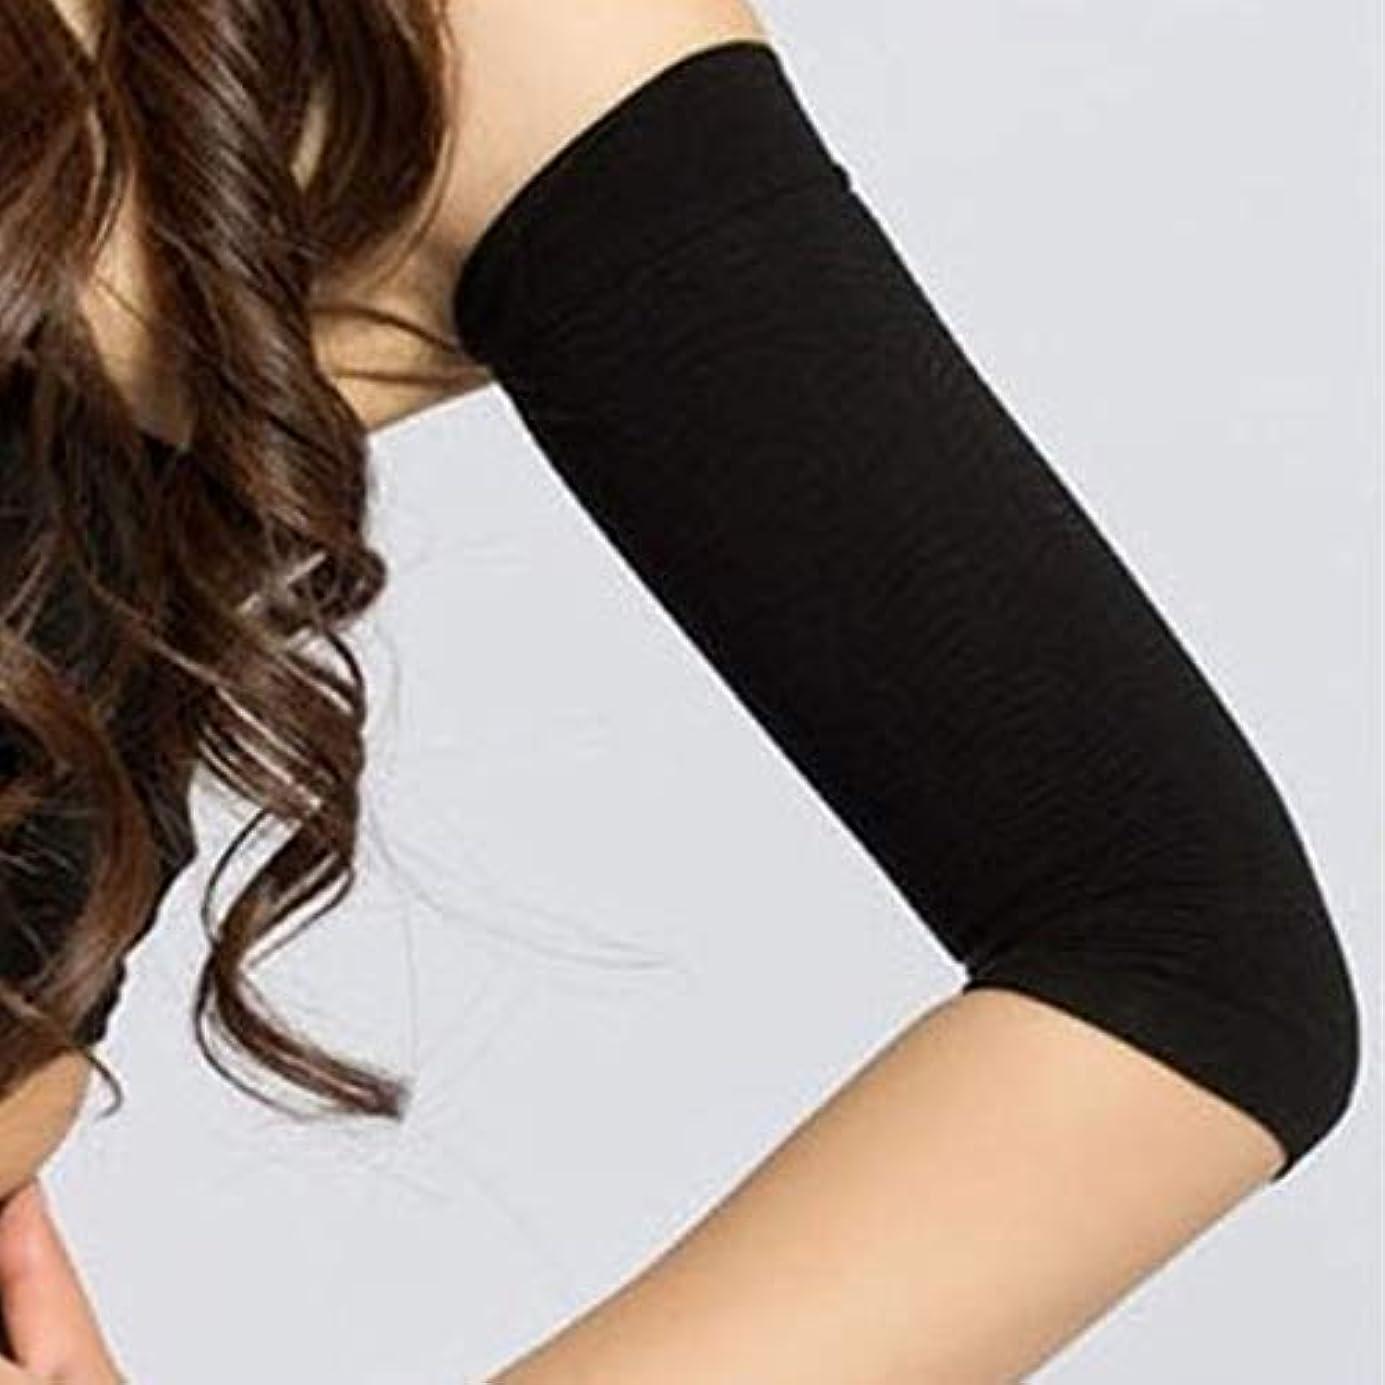 蛾お国1ペア420 d圧縮痩身アームスリーブワークアウトトーニングバーンセルライトシェイパー脂肪燃焼袖用女性